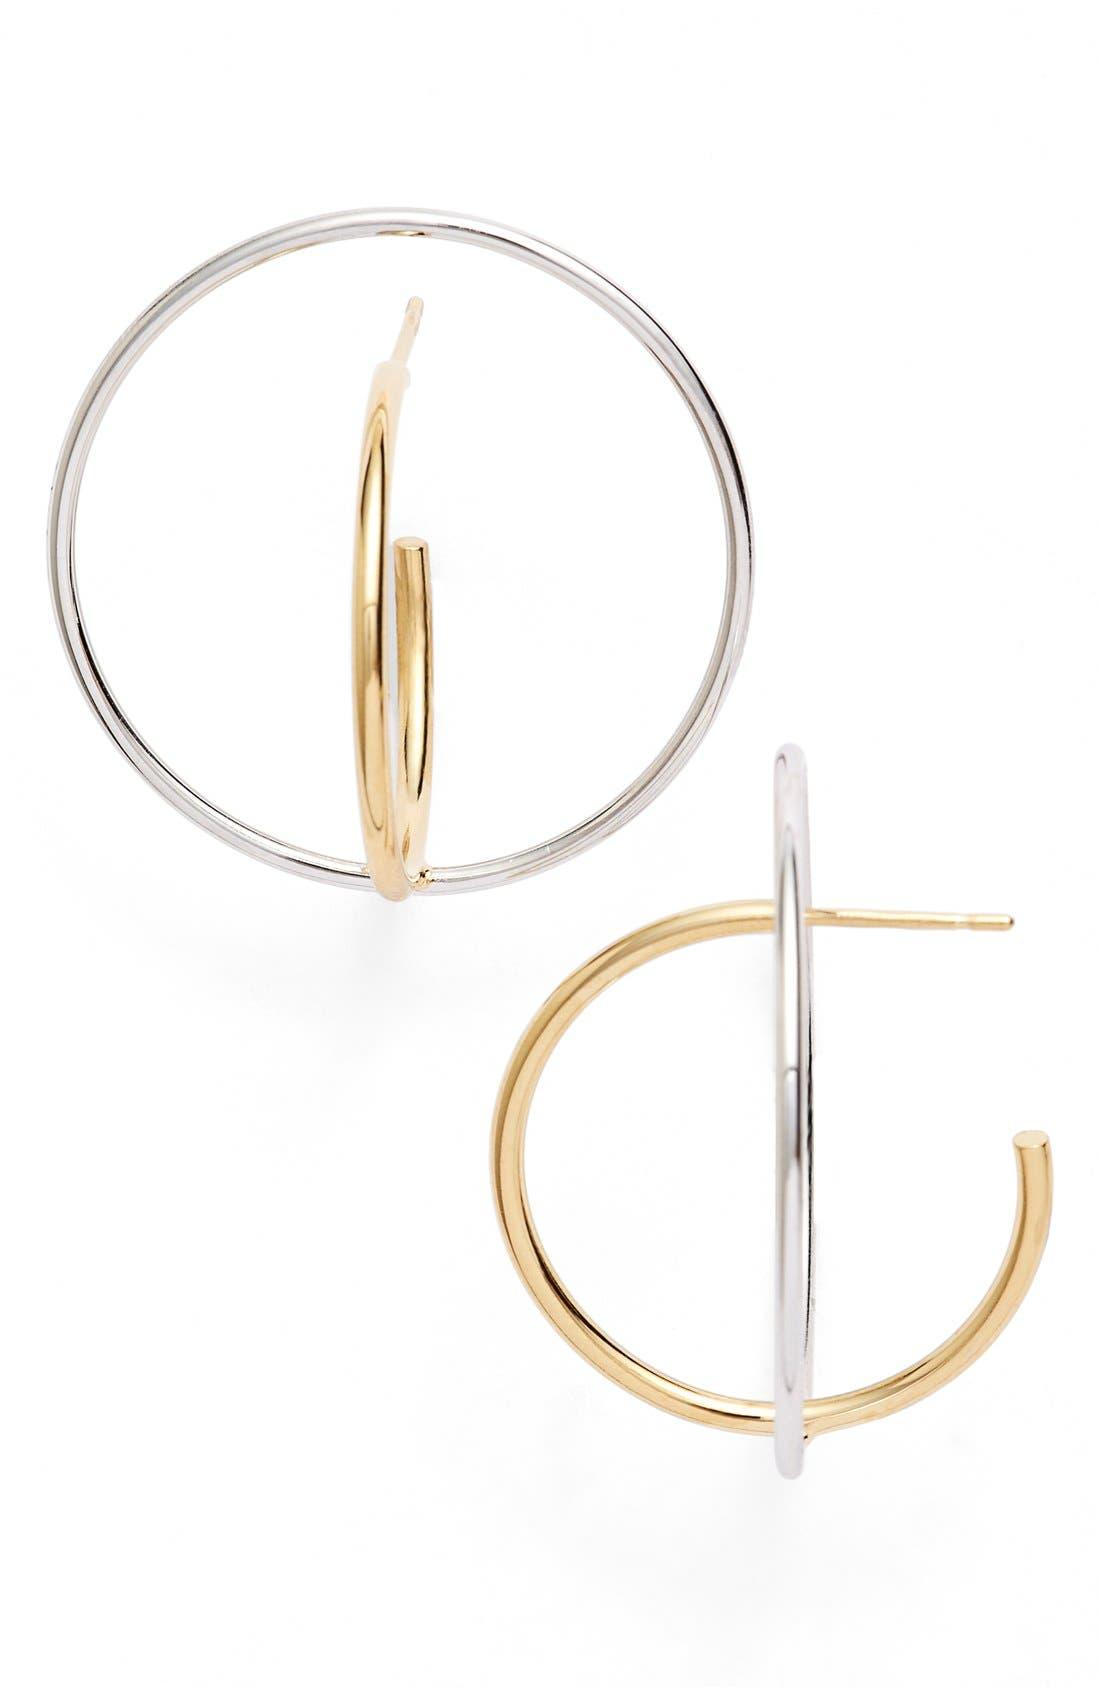 Main Image - Charlotte Chesnais 'Saturne' Earrings